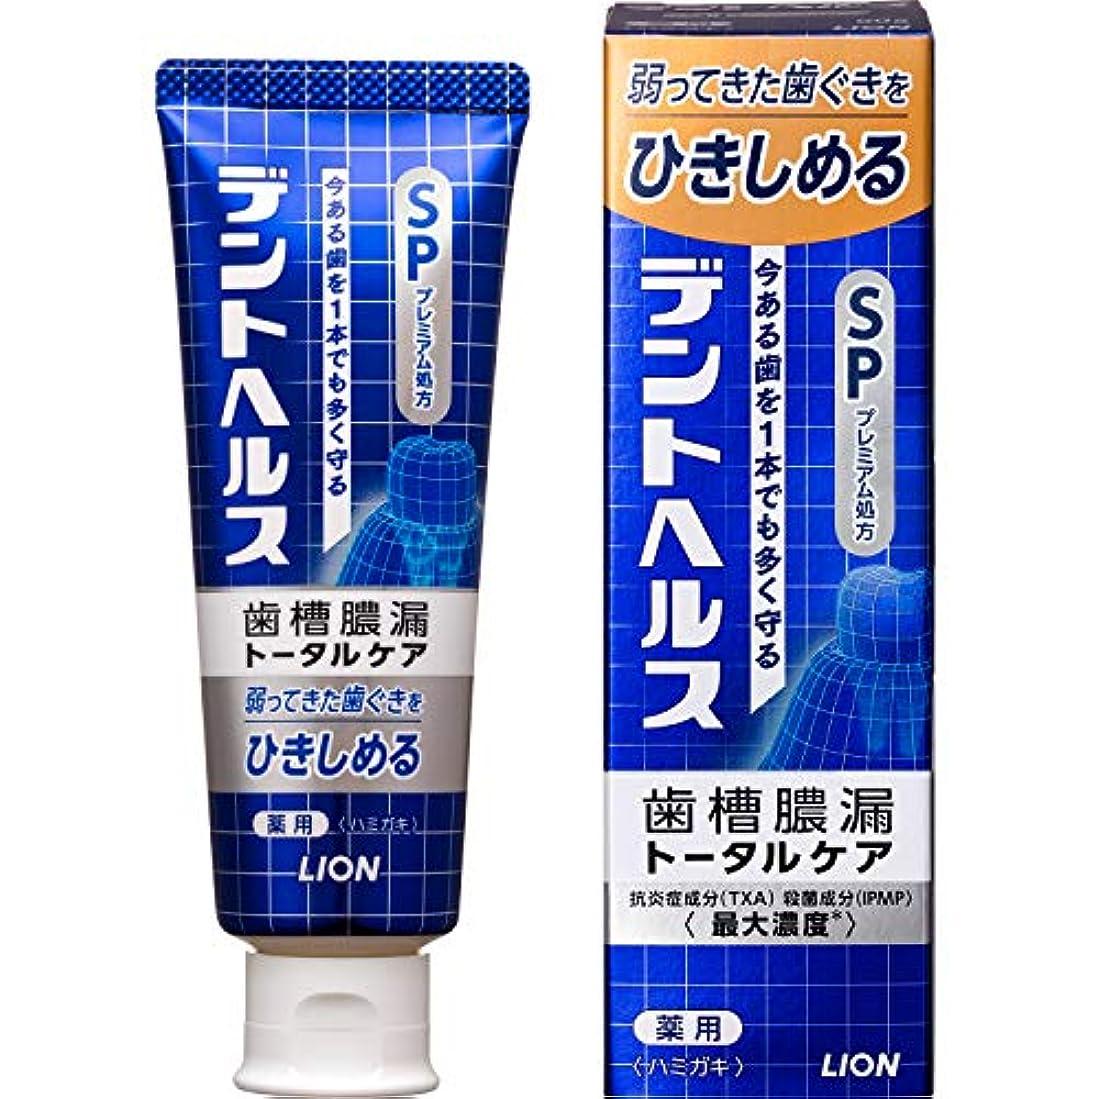 通信網クローゼット辛な歯槽膿漏予防に デントヘルス 薬用ハミガキSP 90g (医薬部外品)